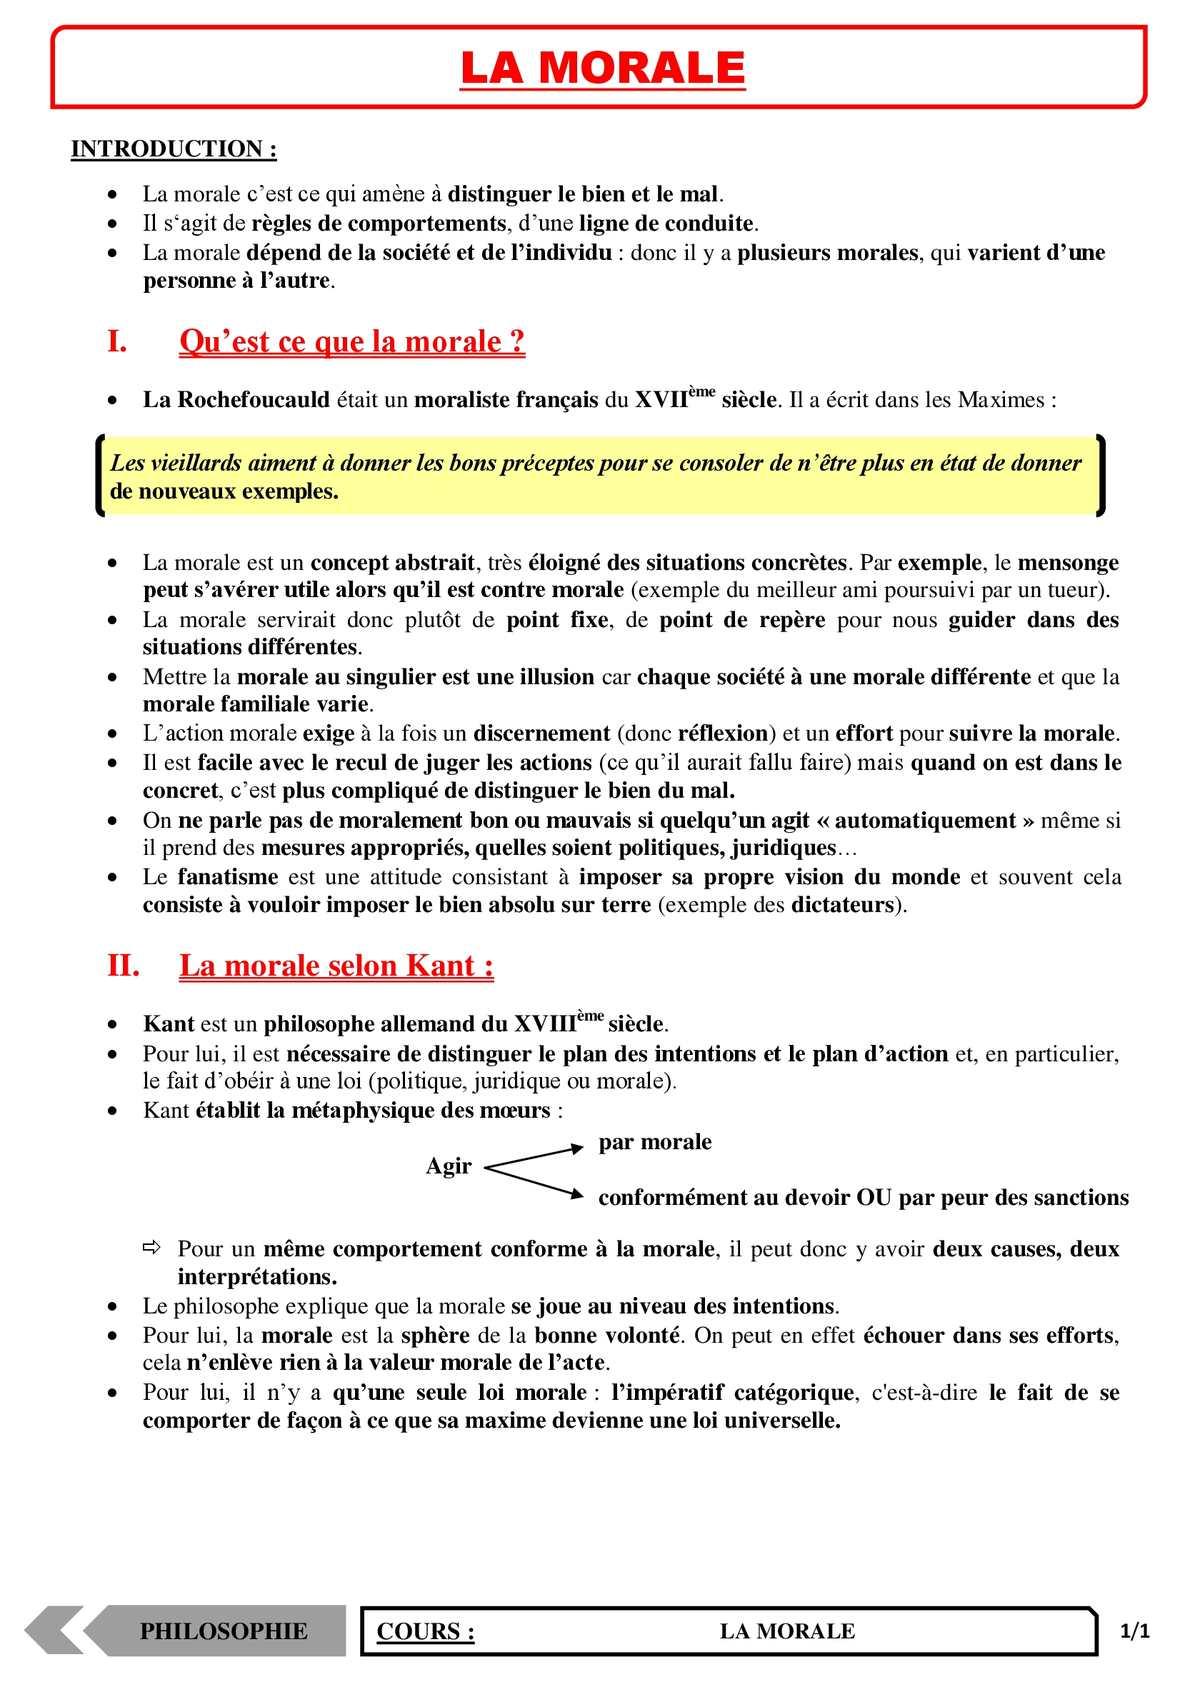 TS - PHILOSOPHIE – La morale | JéSky.fr